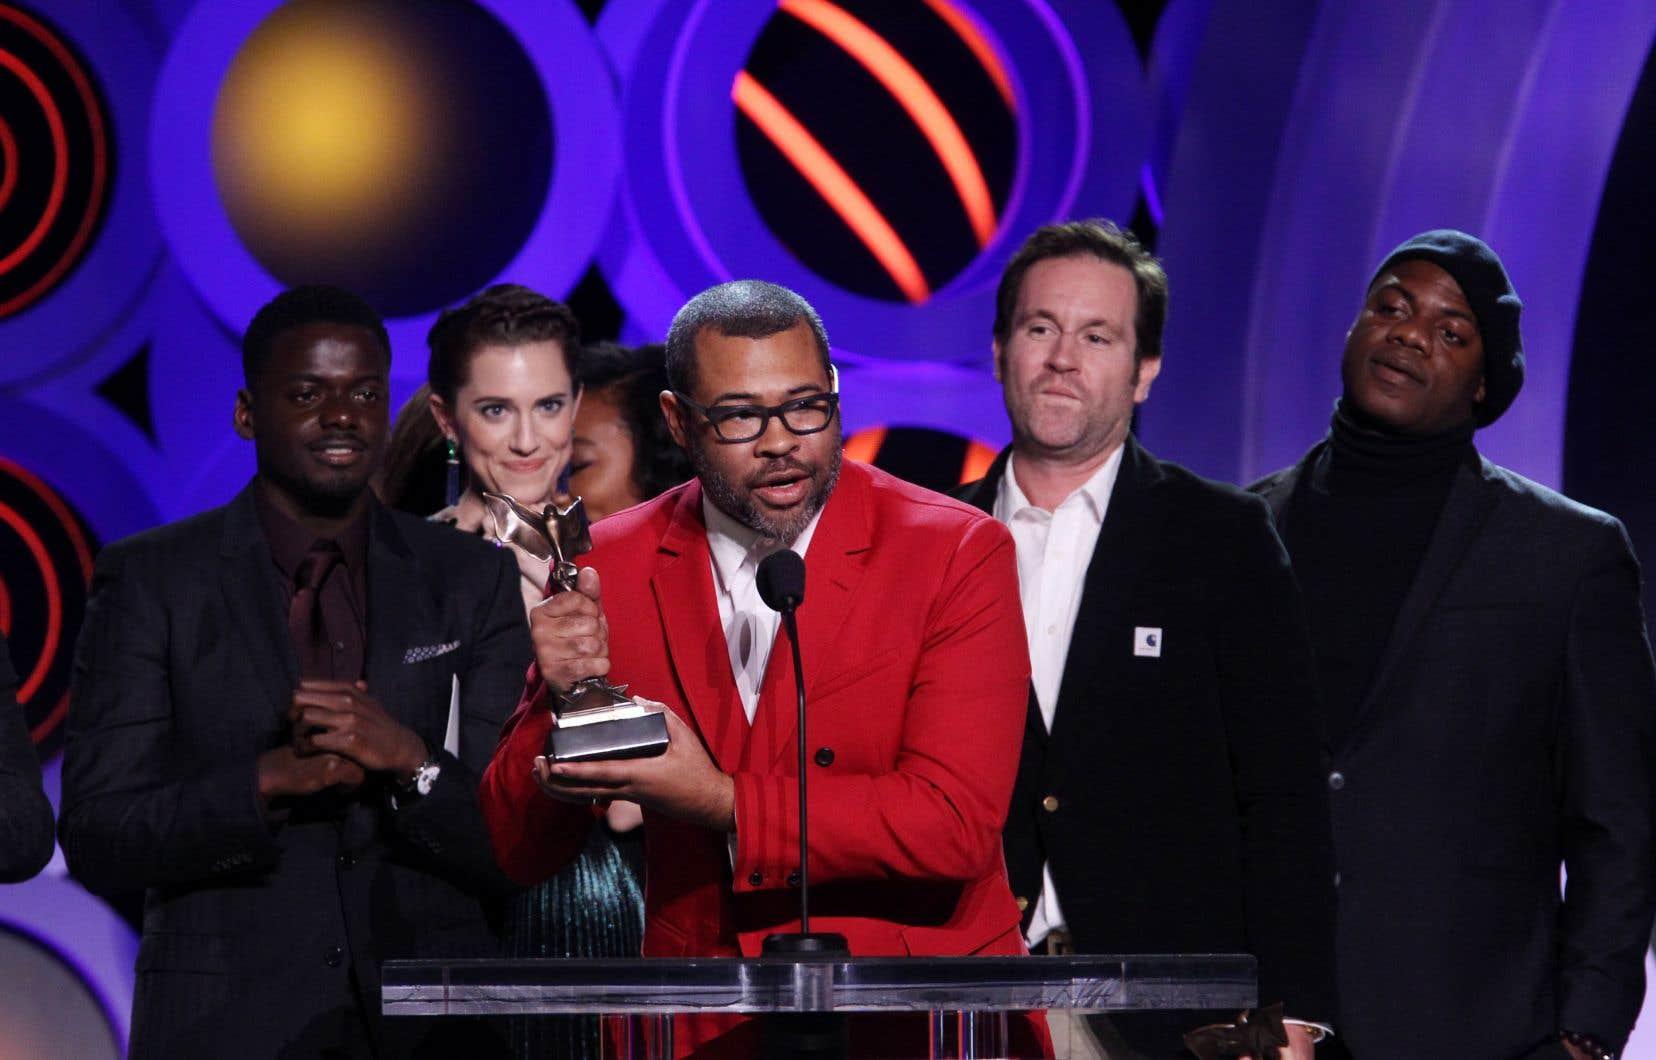 Une vidéo hommage à #MeToo et à la diversité à Hollywood — Oscars